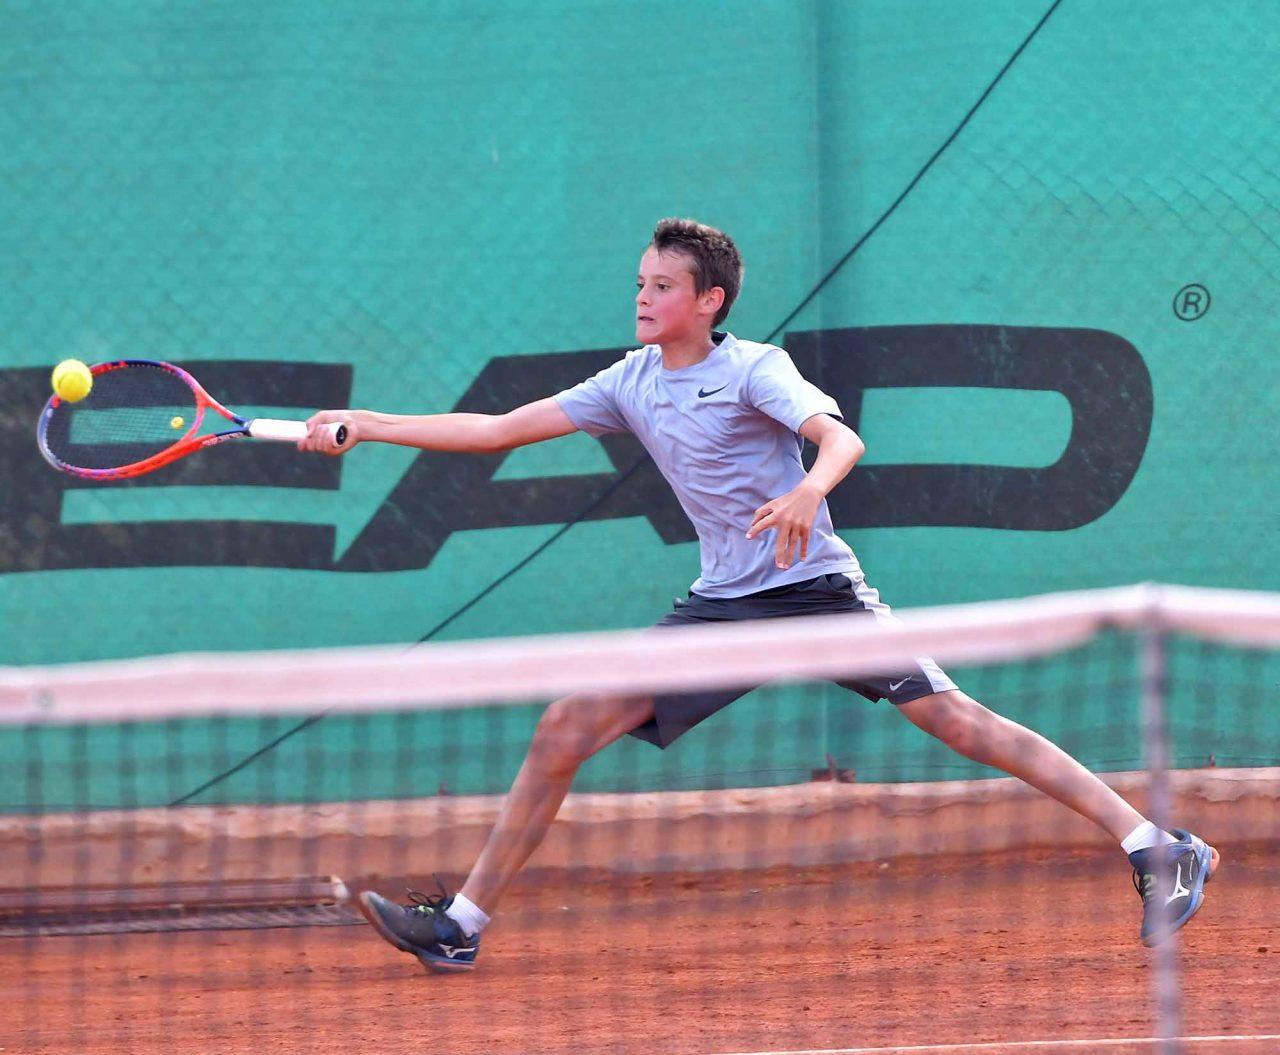 Държавно първенство тенис до 14 год. ТК 15-40 момчета (7)